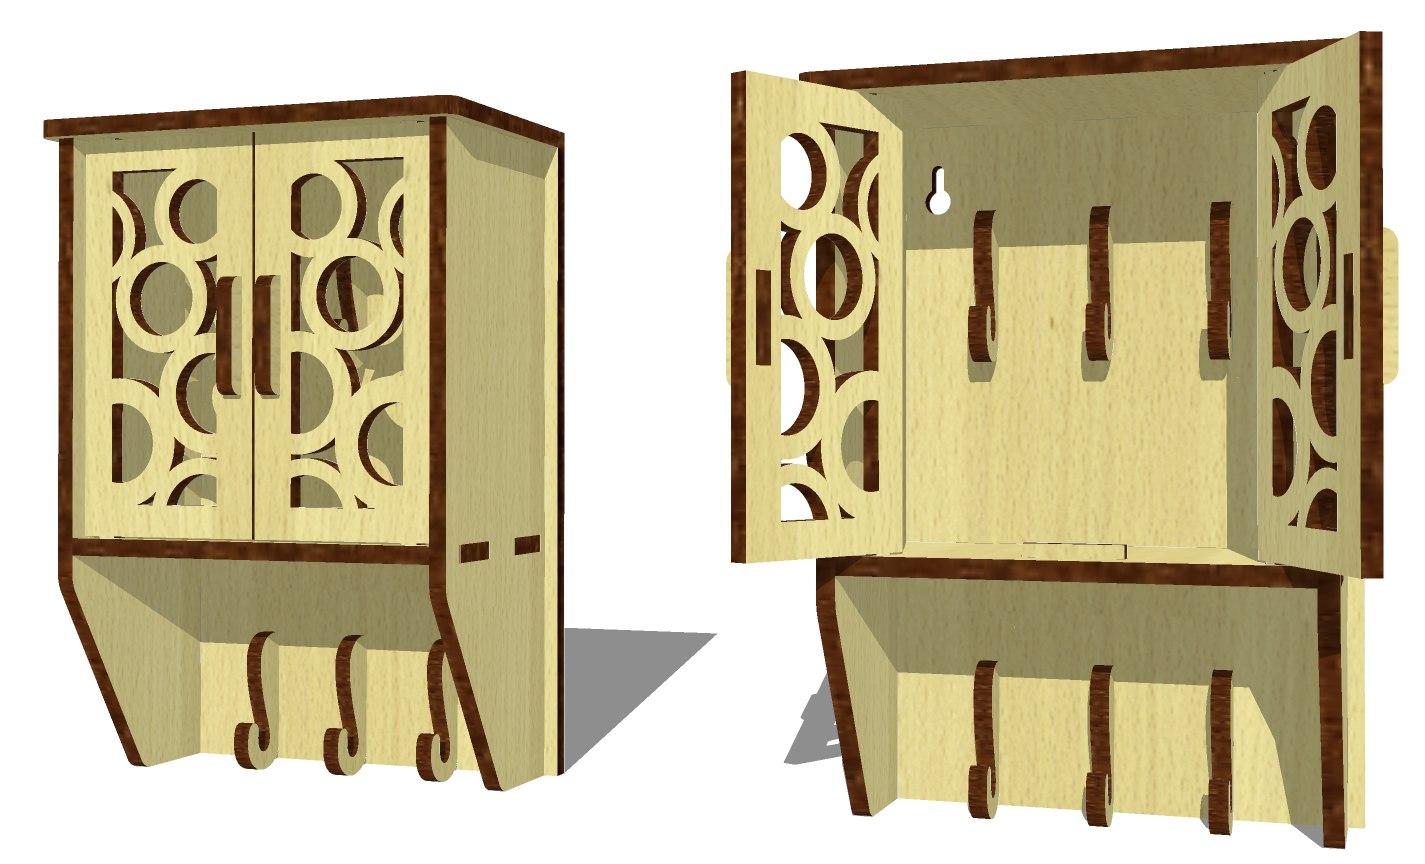 Key Box Free CDR Vectors Art